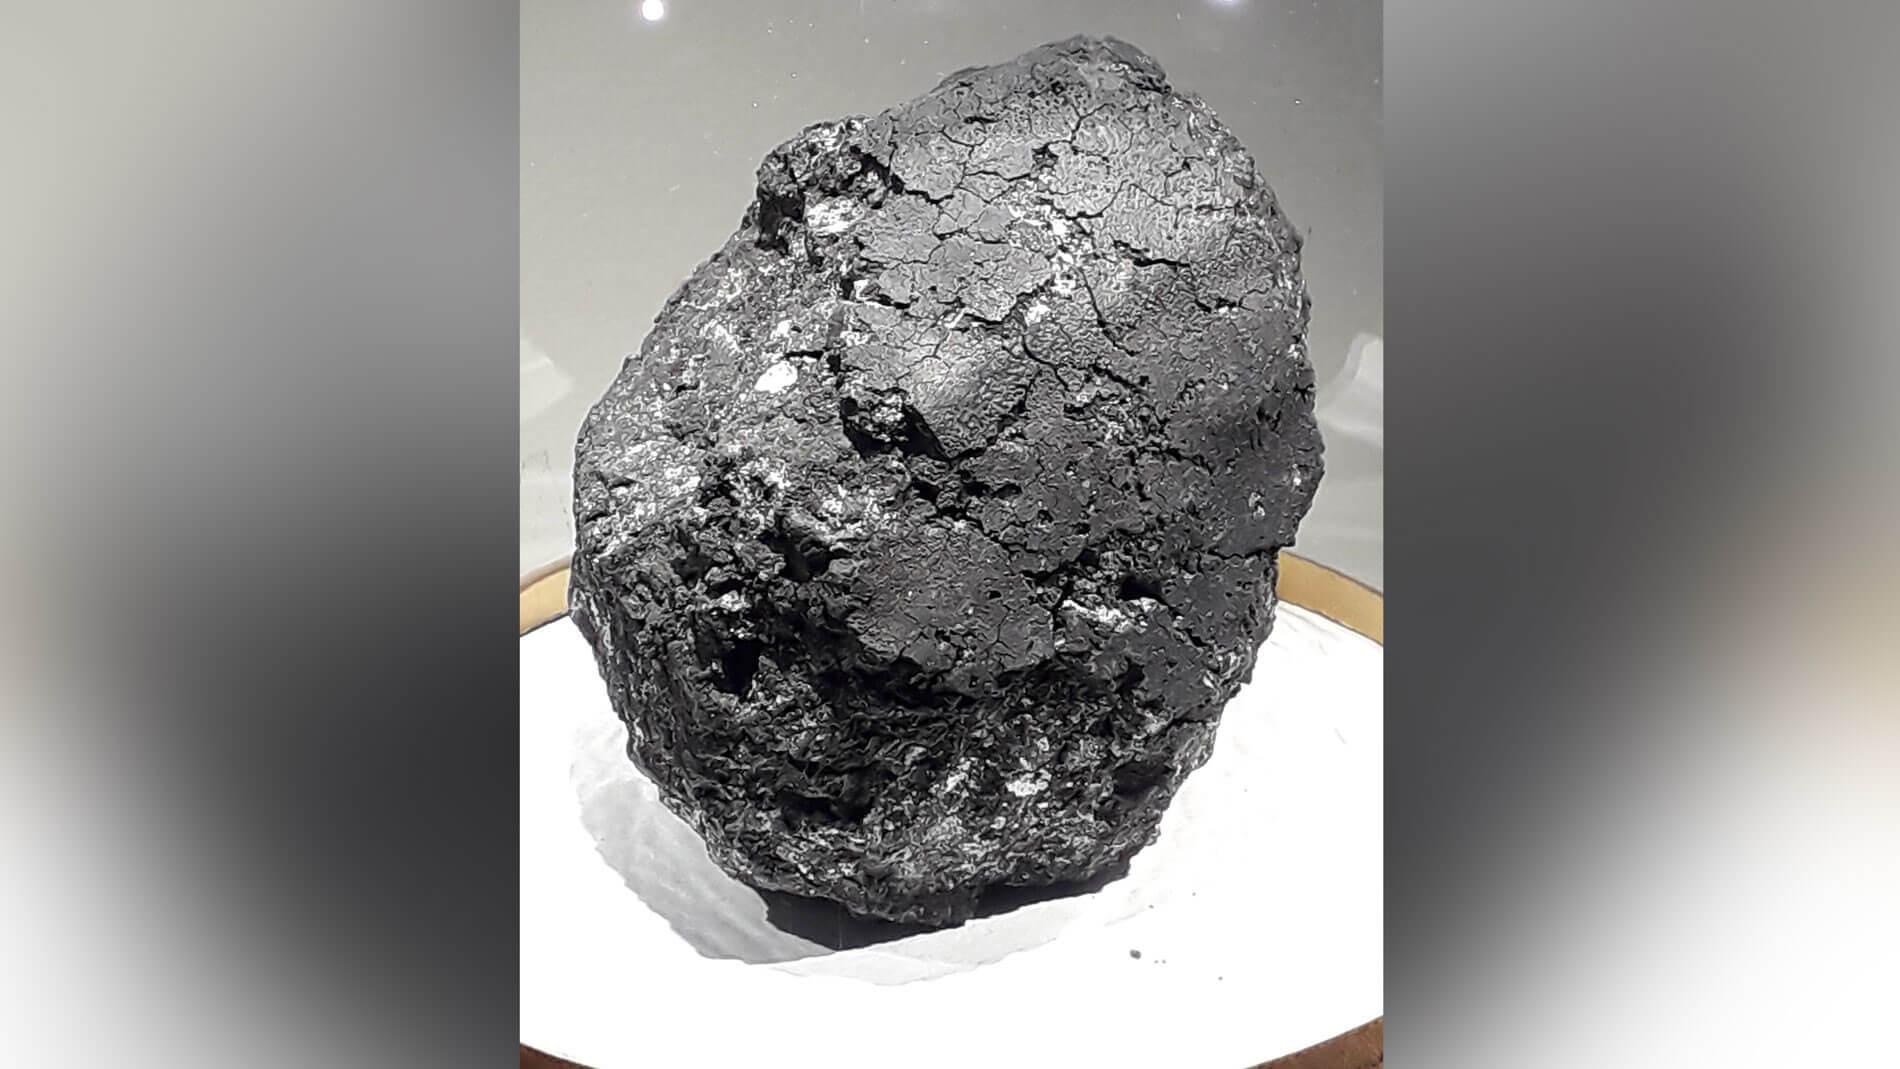 Фрагмент метеорита Оргей из коллекции Национального музея естественной истории в Париже.